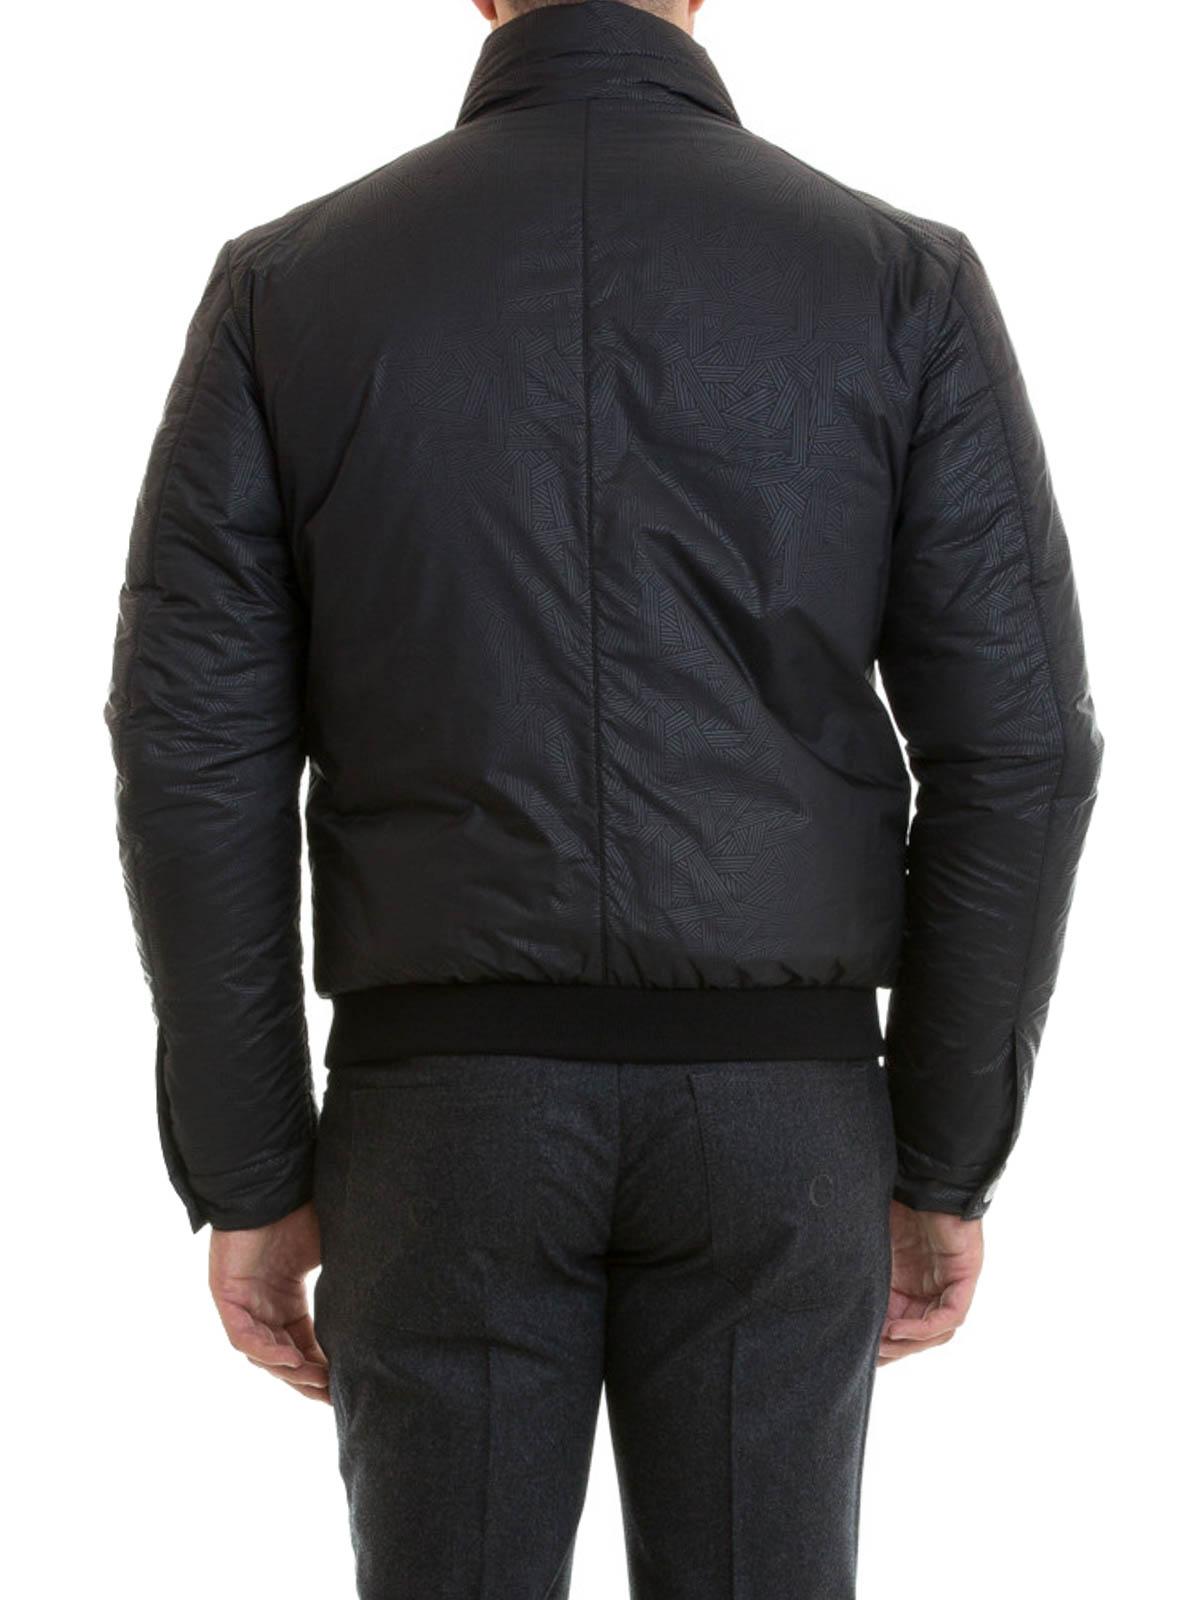 Noir Vestes Versace Homme Pour Collection Manteau Rembourré x0nUw7Ofq